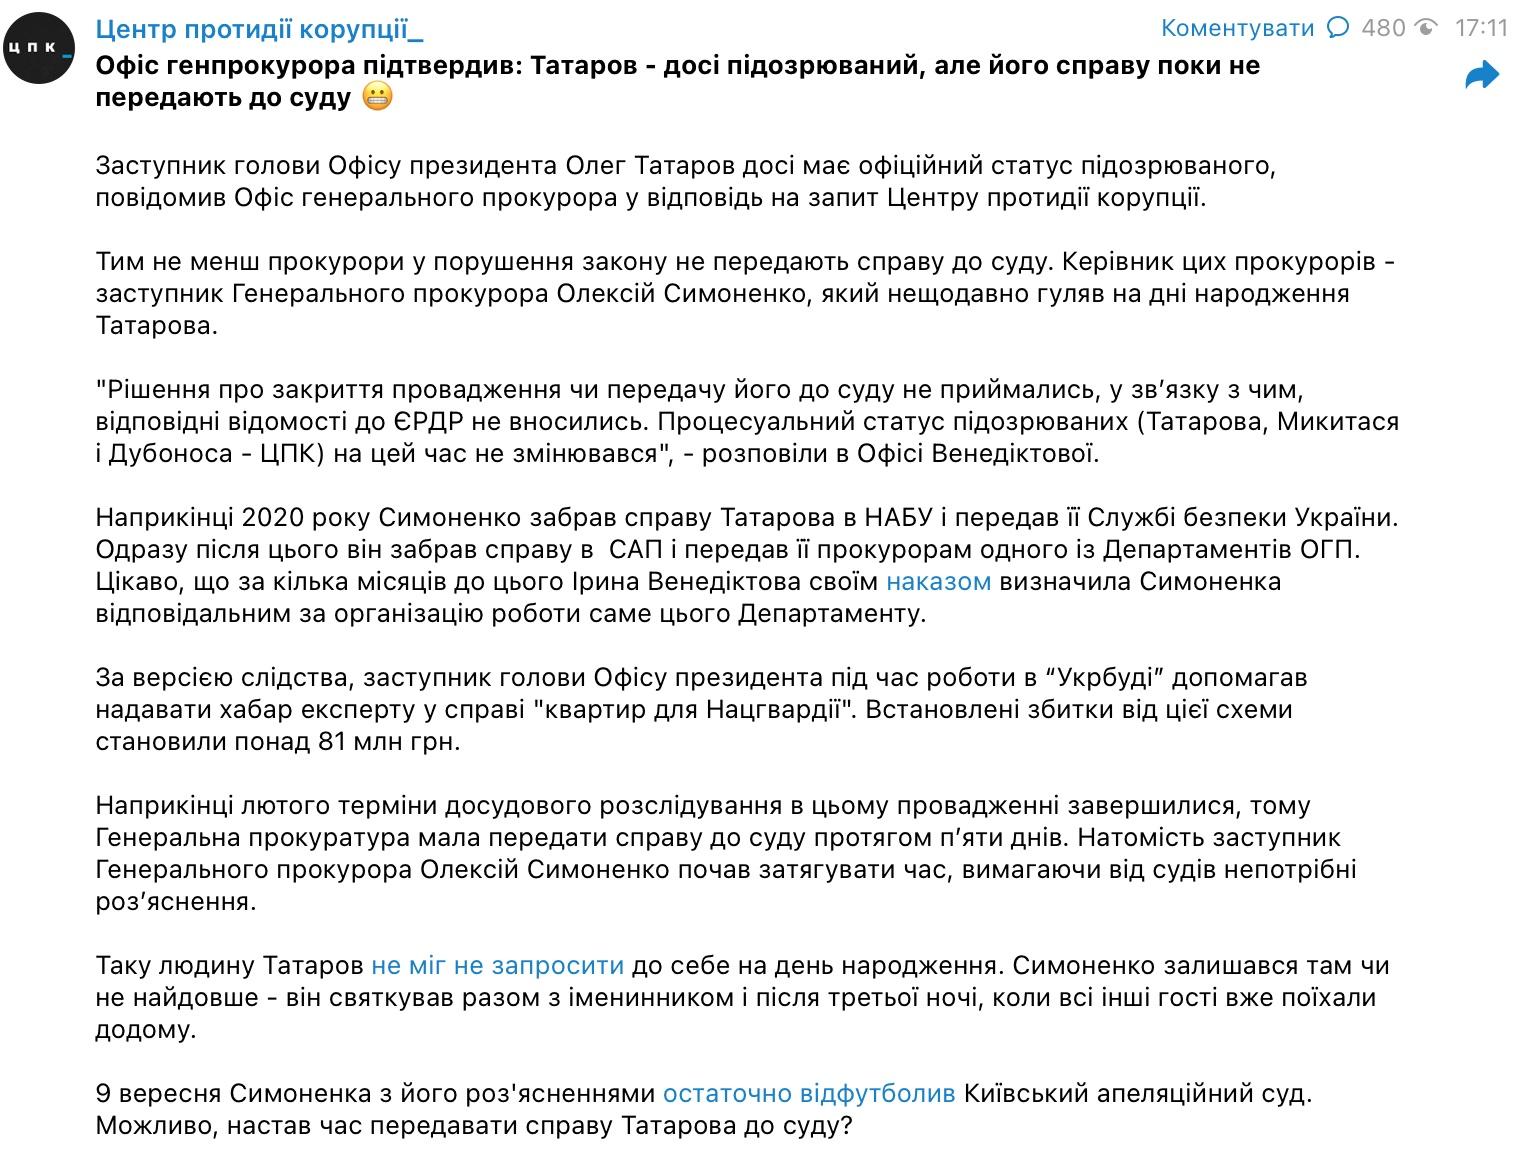 Татаров все еще имеет статус подозреваемого, но его дело не передают в суд – ЦПК